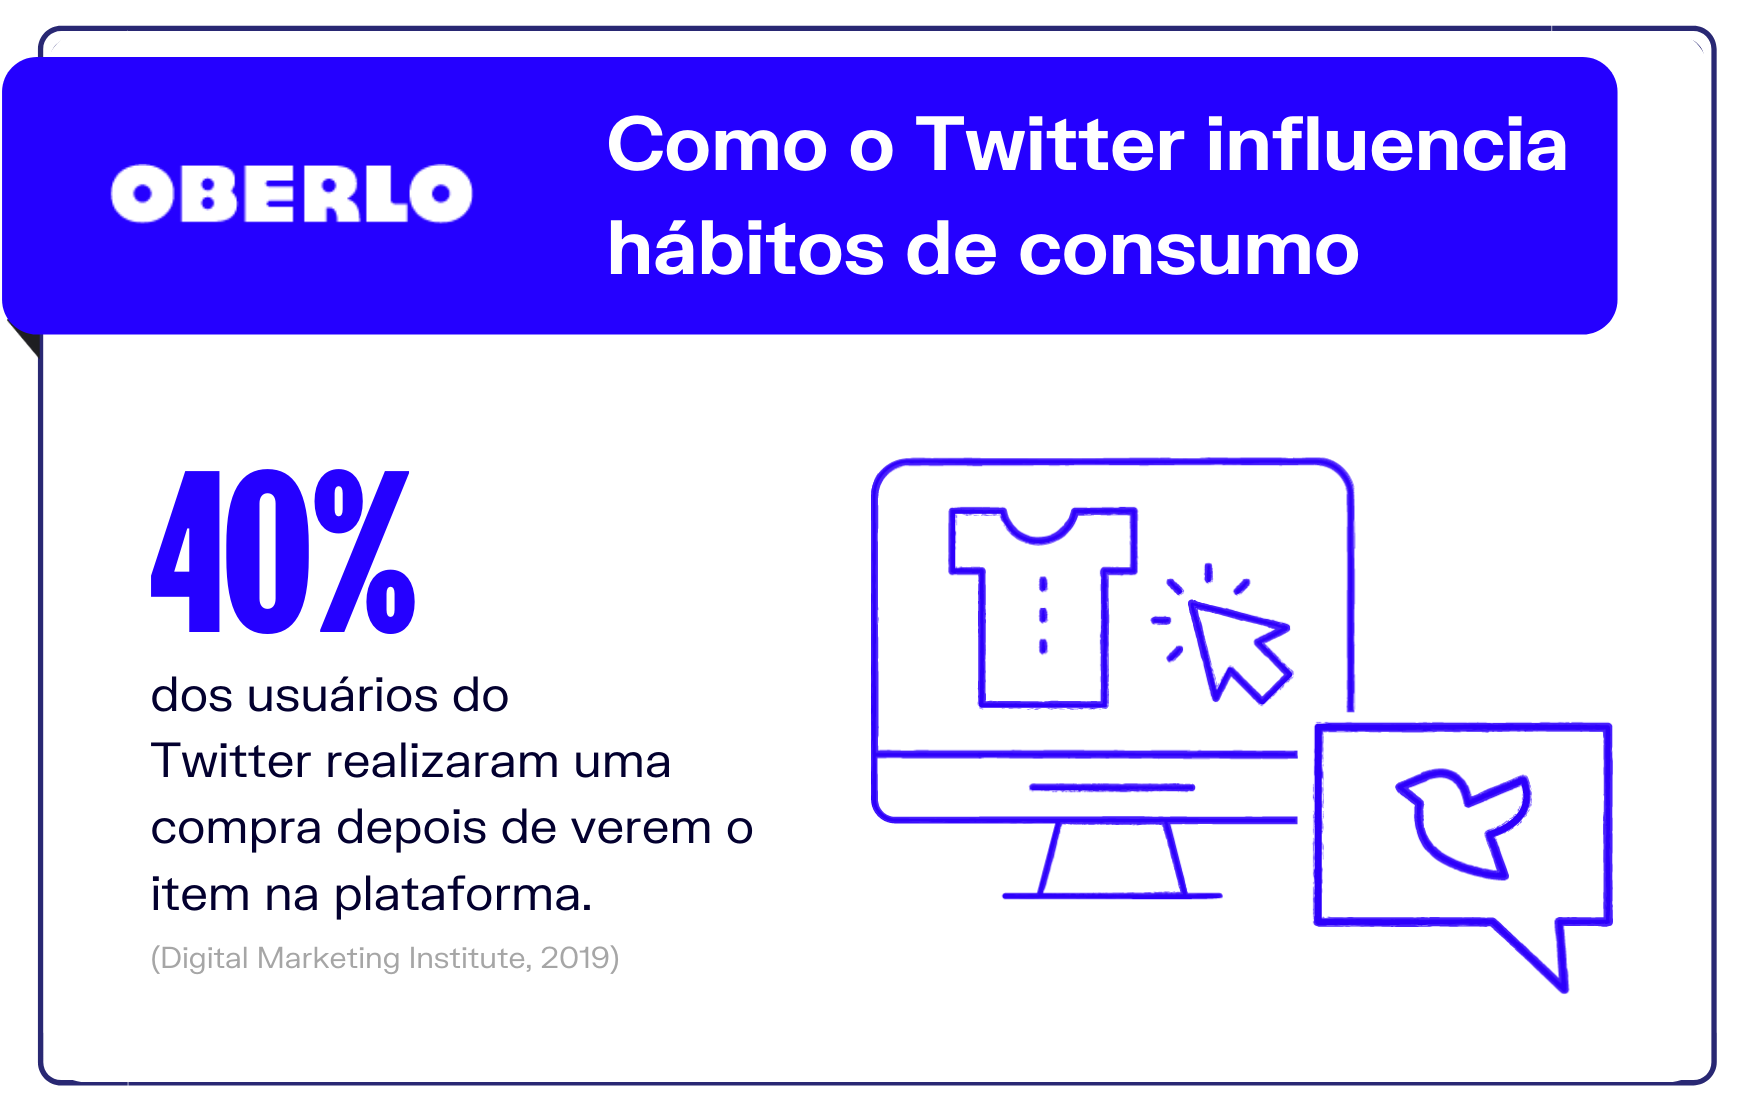 Estatísticas Twitter: como o Twitter influencia os hábitos de consumo